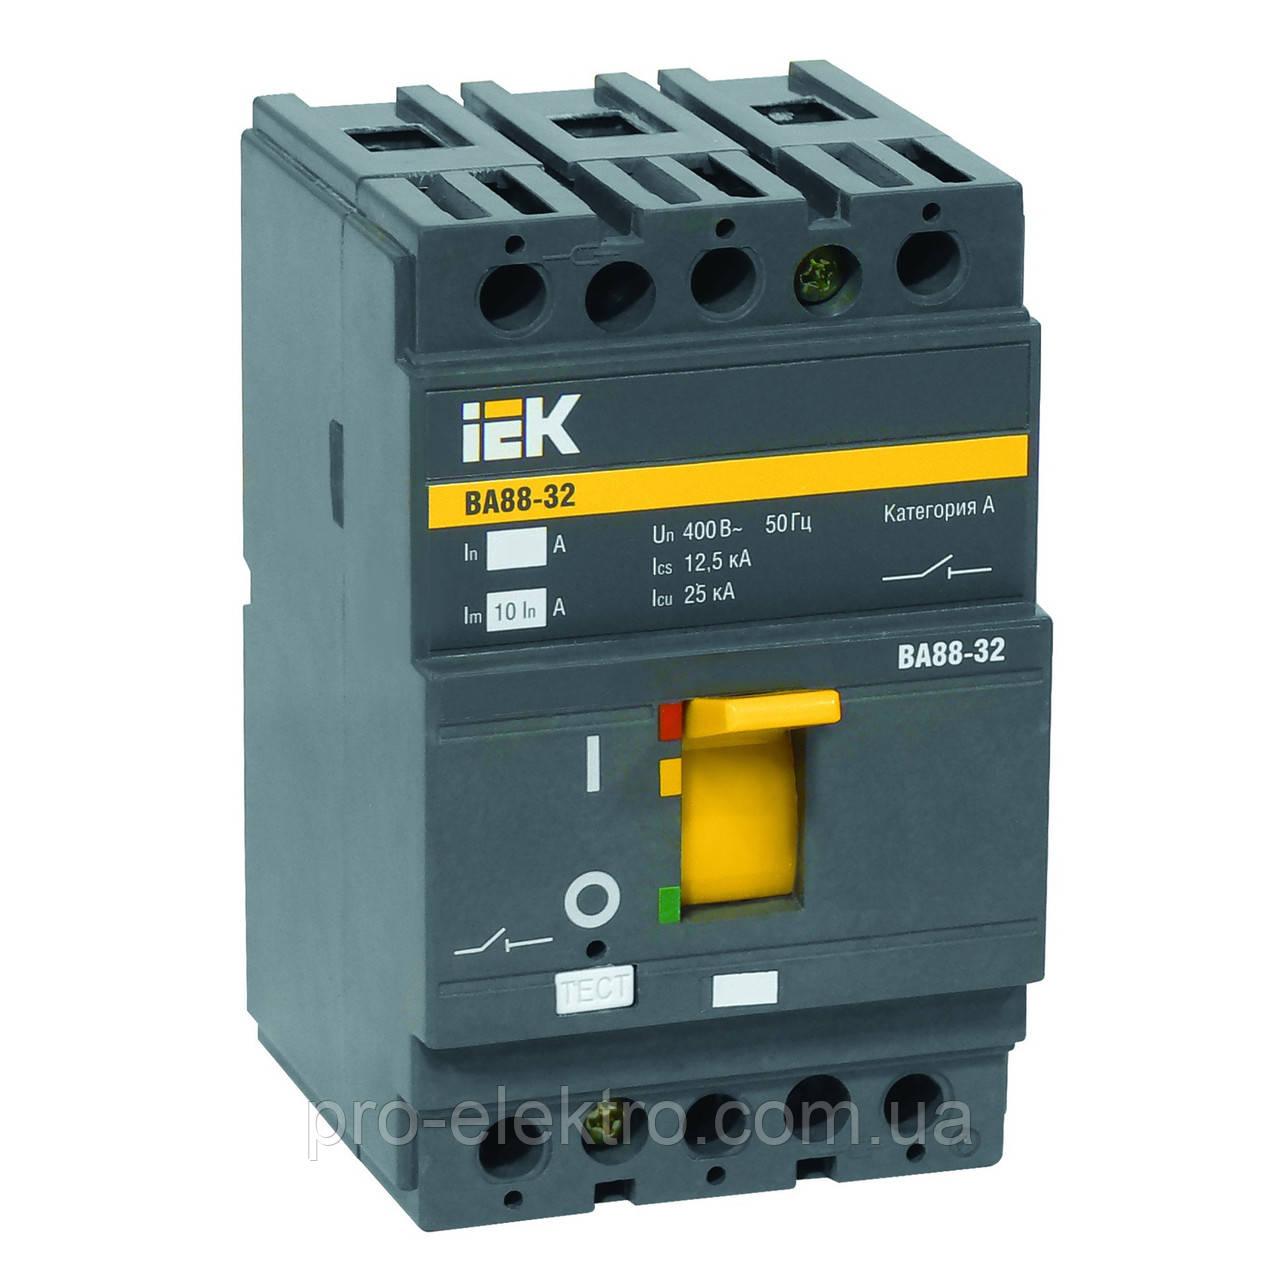 Автоматический выключатель IEK ВА88-32 3Р 16А 25кА